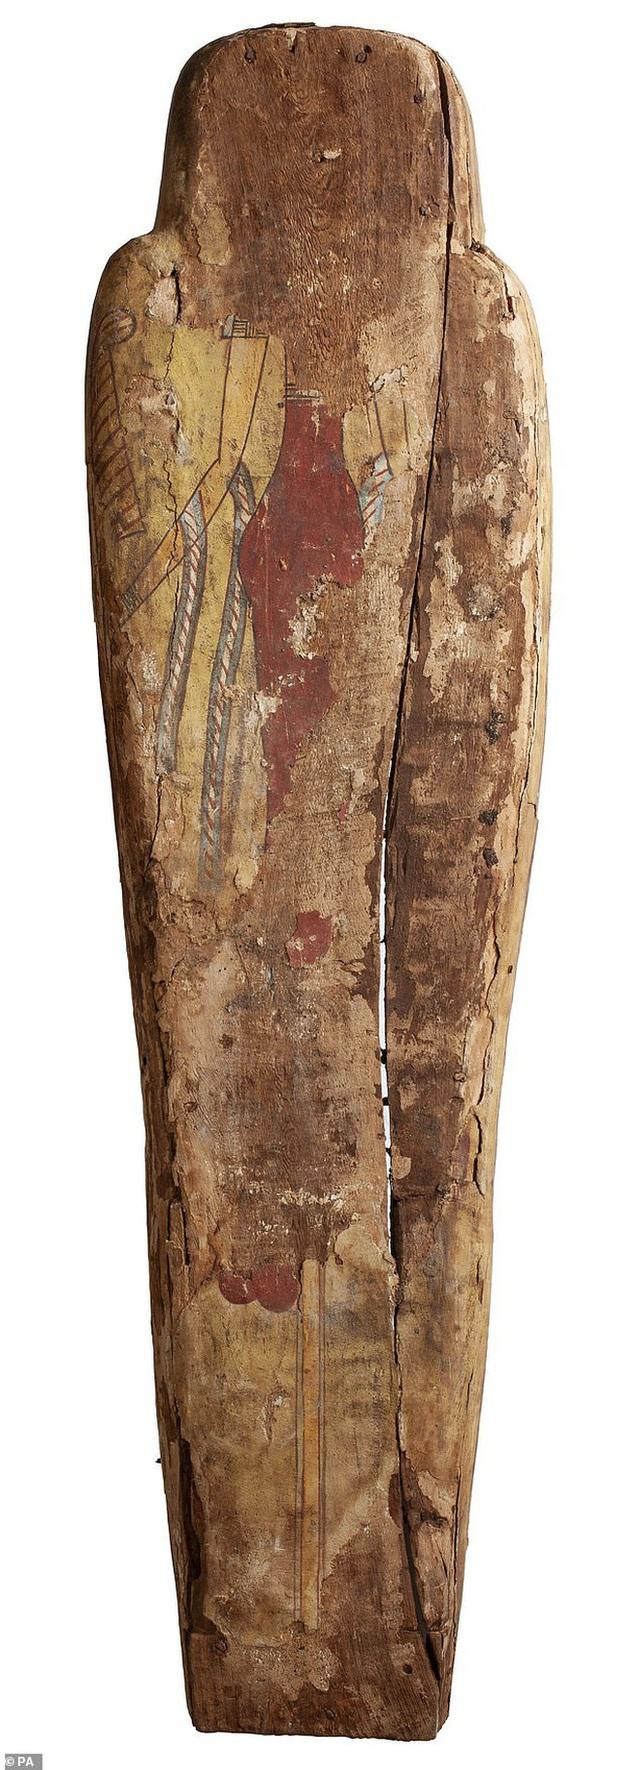 Đưa xác ướp 3.000 năm tuổi của công chúa Ai Cập ra khỏi quan tài, phát hiện bức chân dung bí ẩn cùng hàng loạt câu hỏi chưa có lời giải đáp - Ảnh 3.